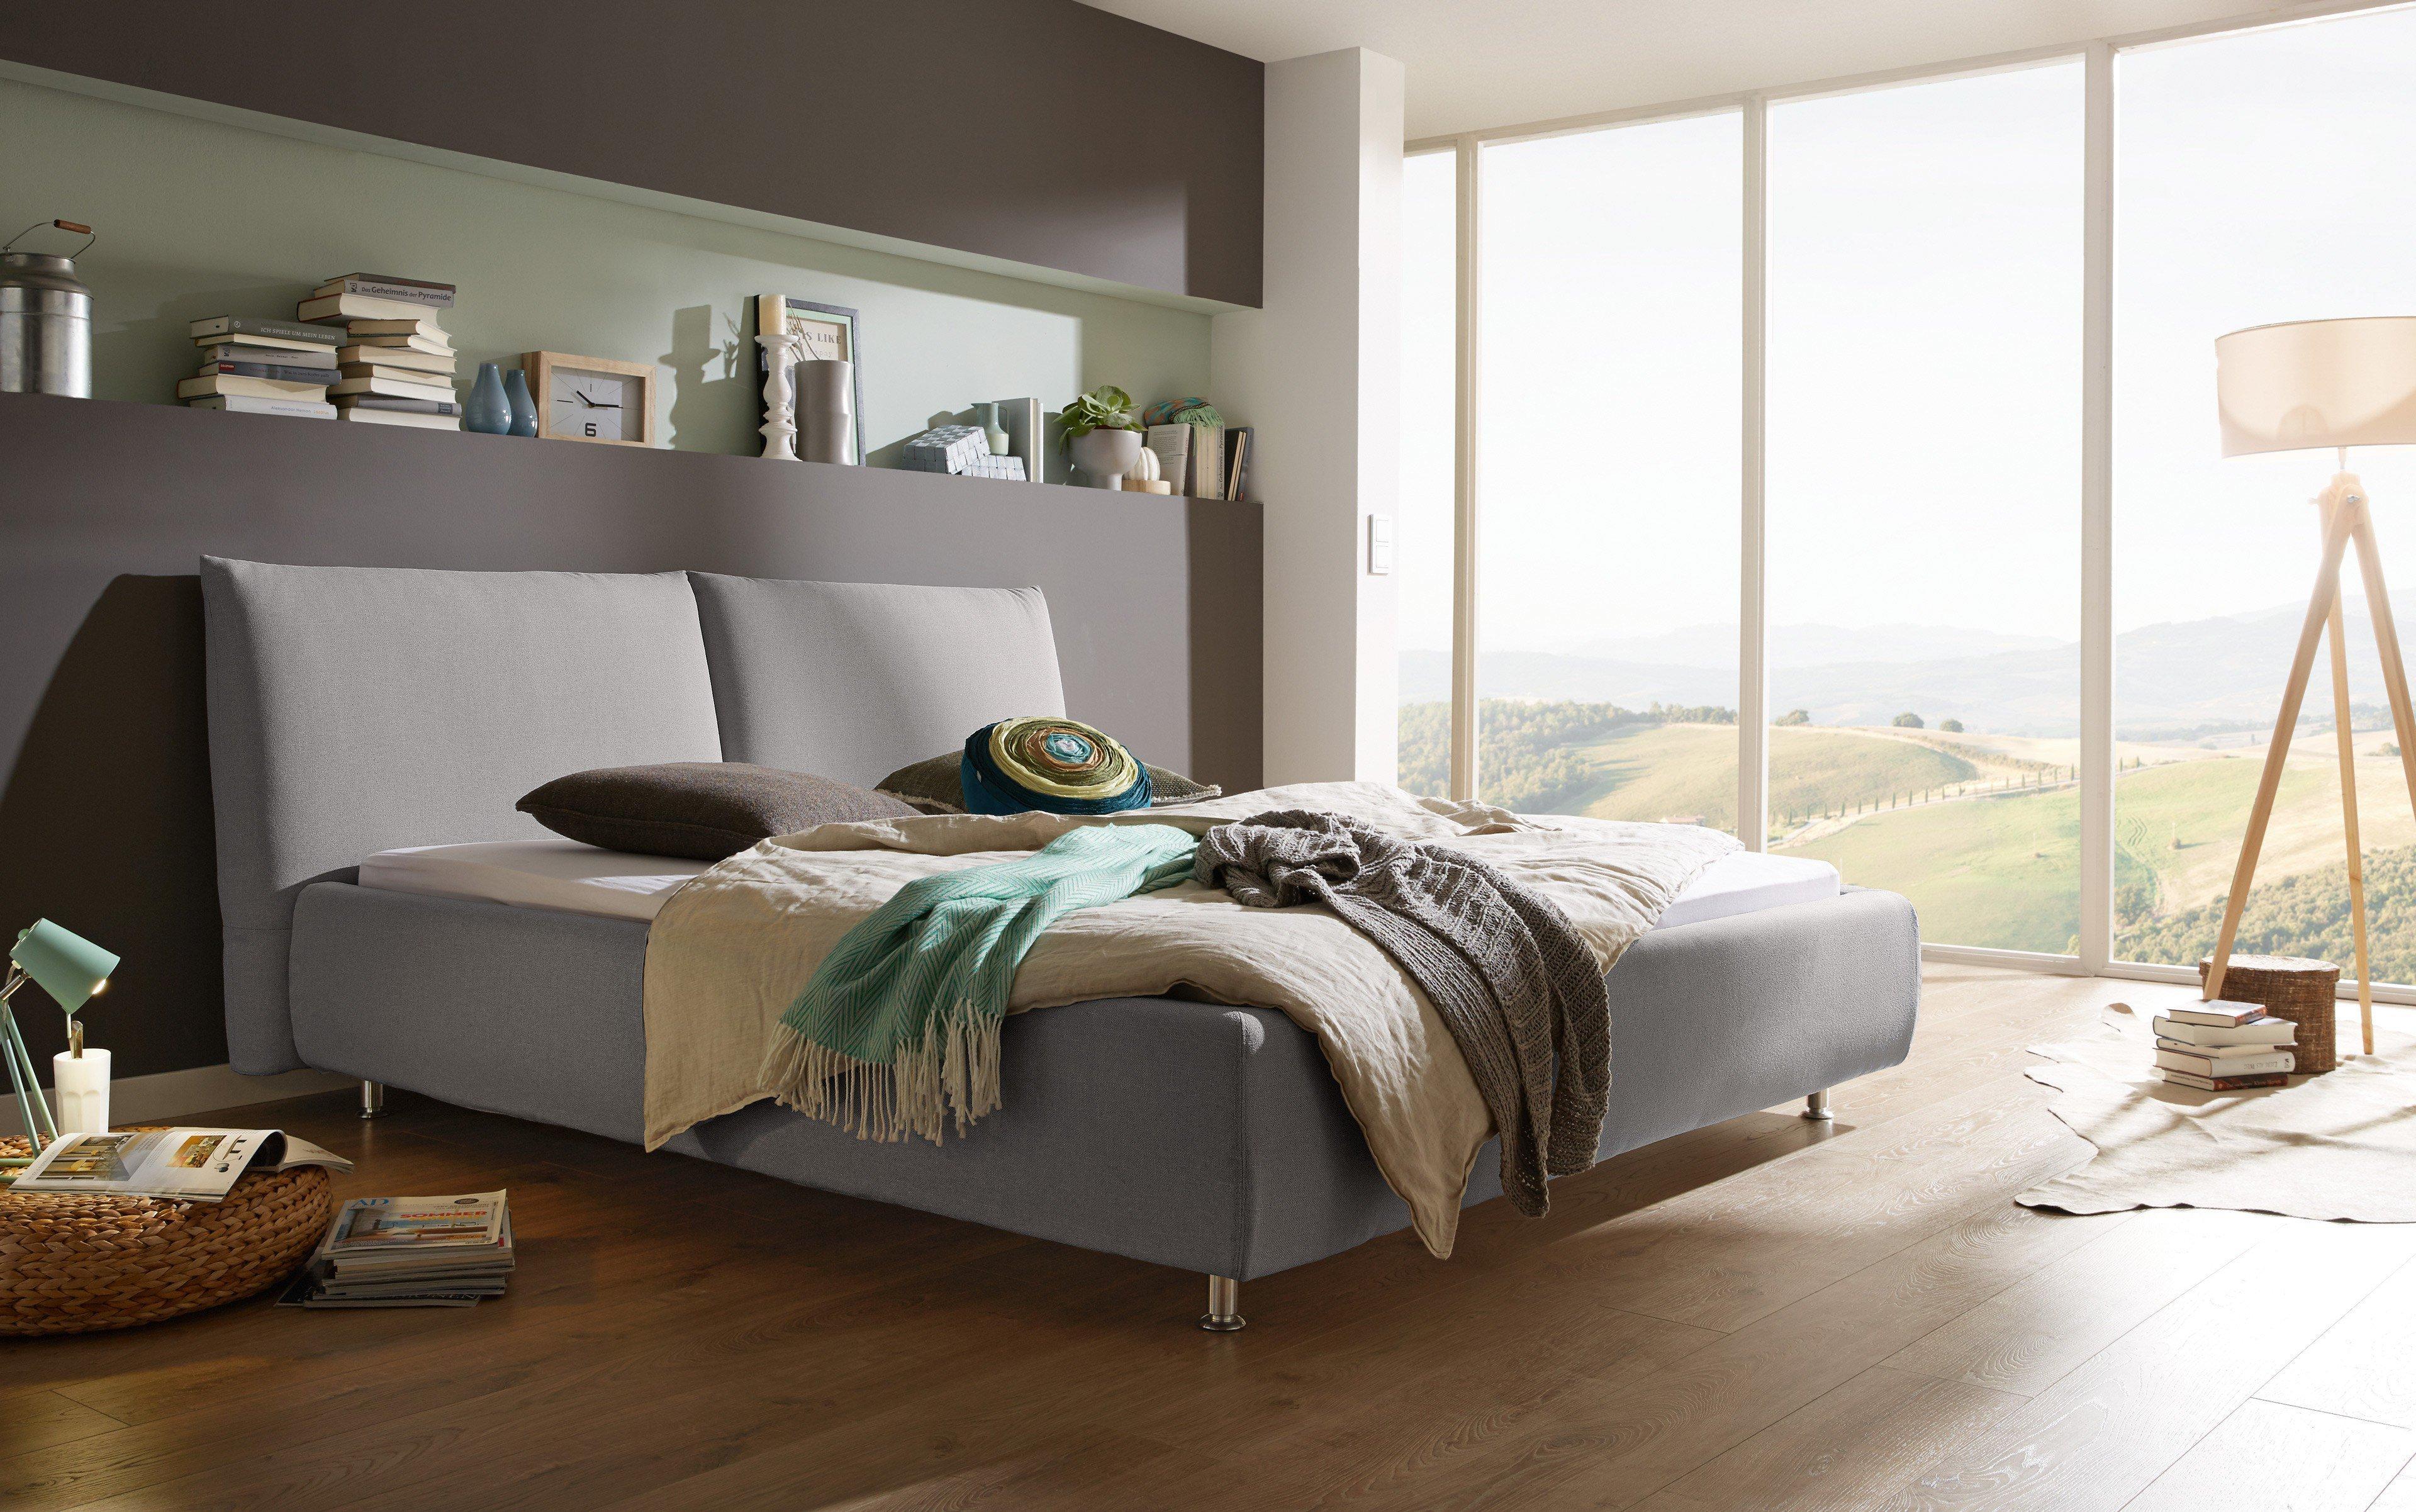 in domo id 504 polsterbett im dezenten grau m bel letz ihr online shop. Black Bedroom Furniture Sets. Home Design Ideas